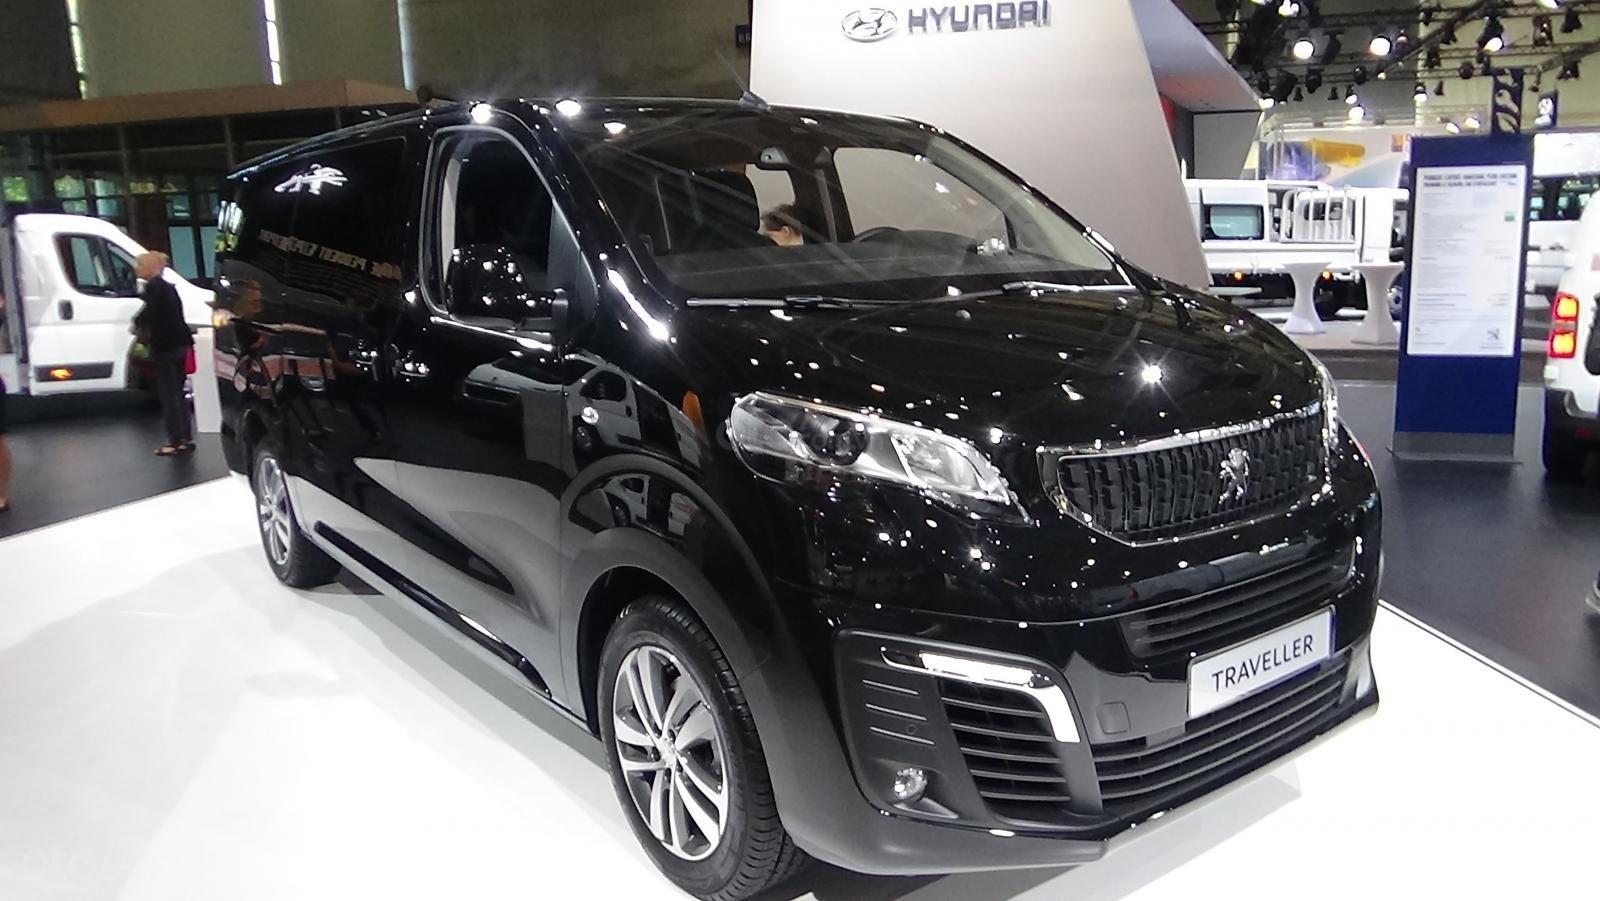 Bán Peugeot Traveller Luxury 2019 giá tốt, nhiều khuyến mãi hấp dẫn (4)